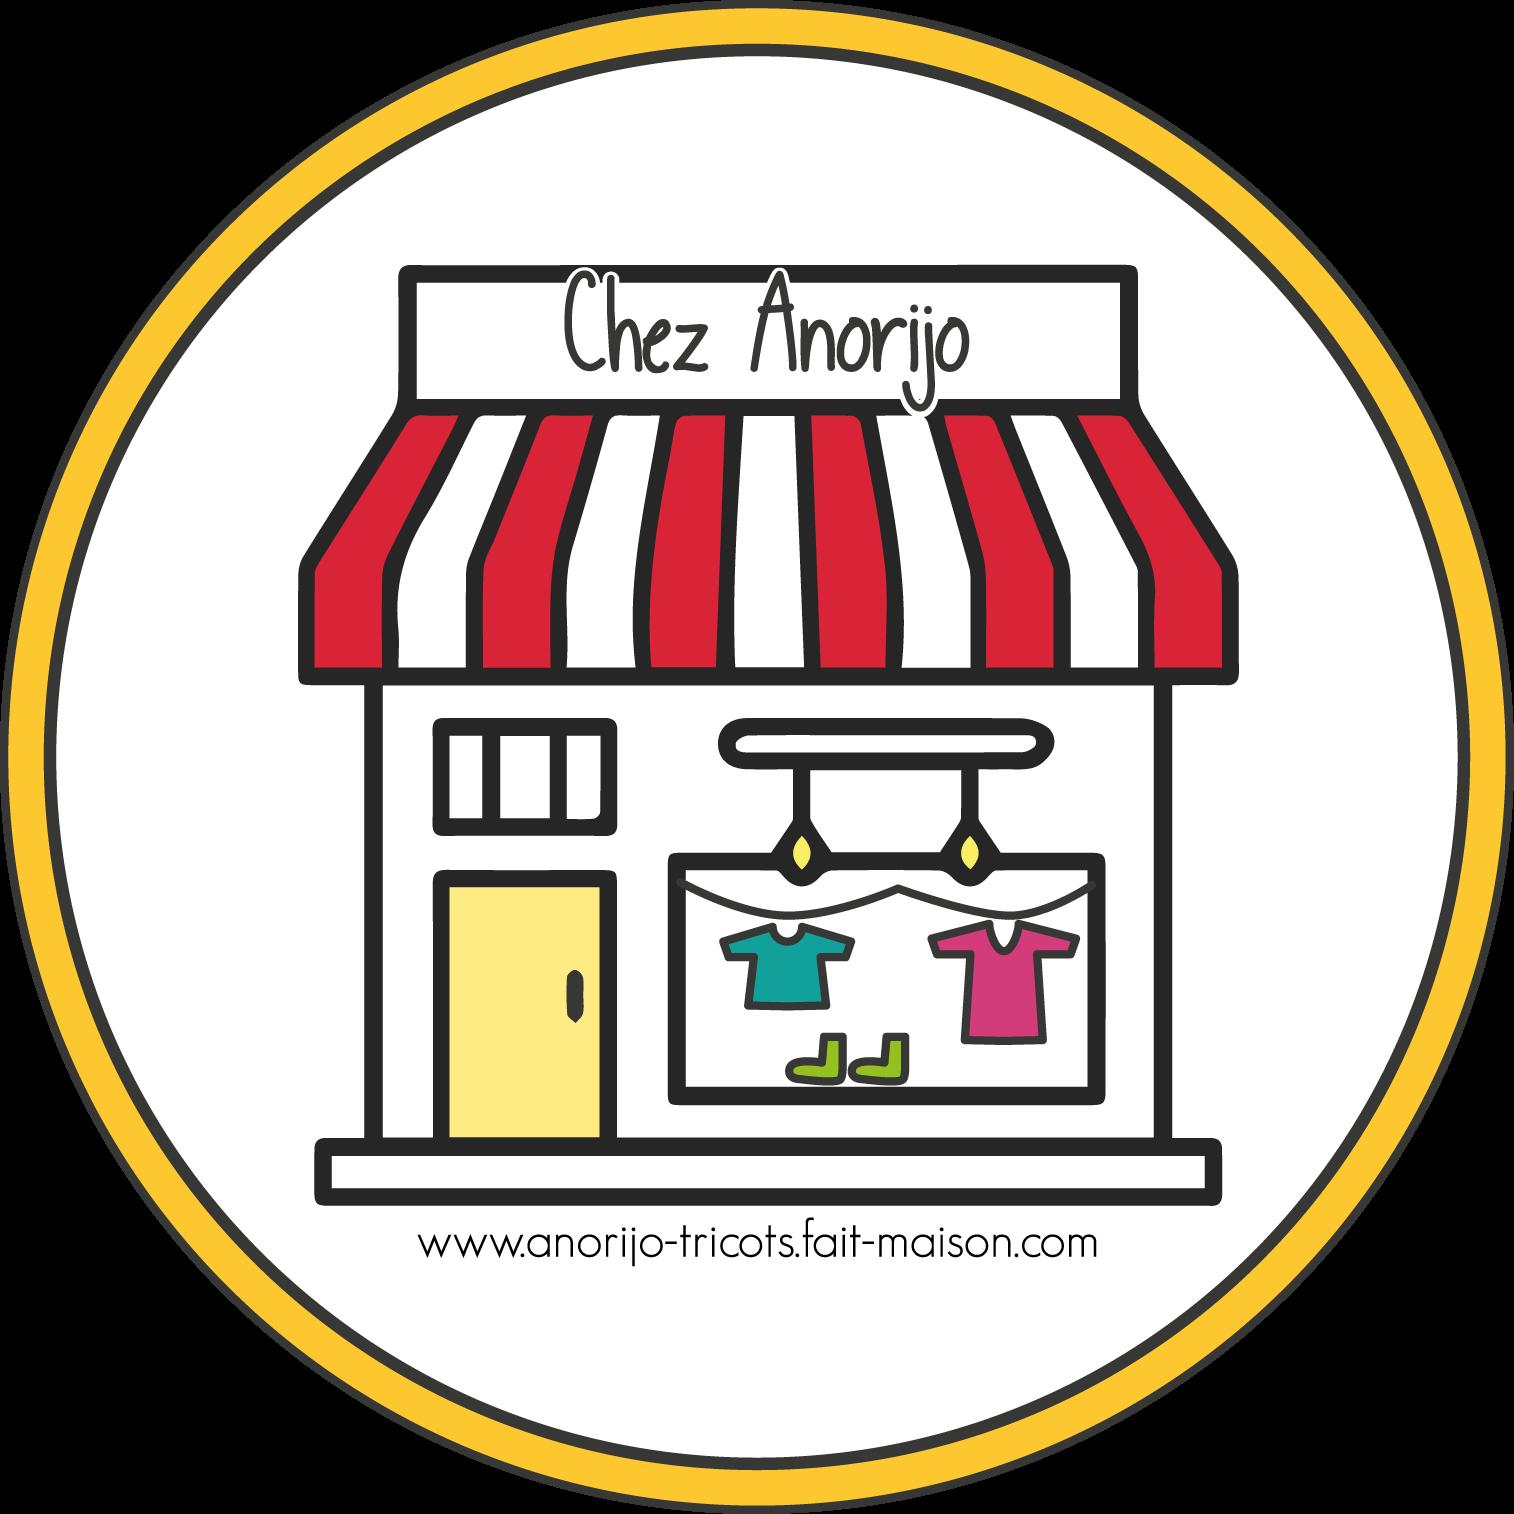 nouvelle boutique